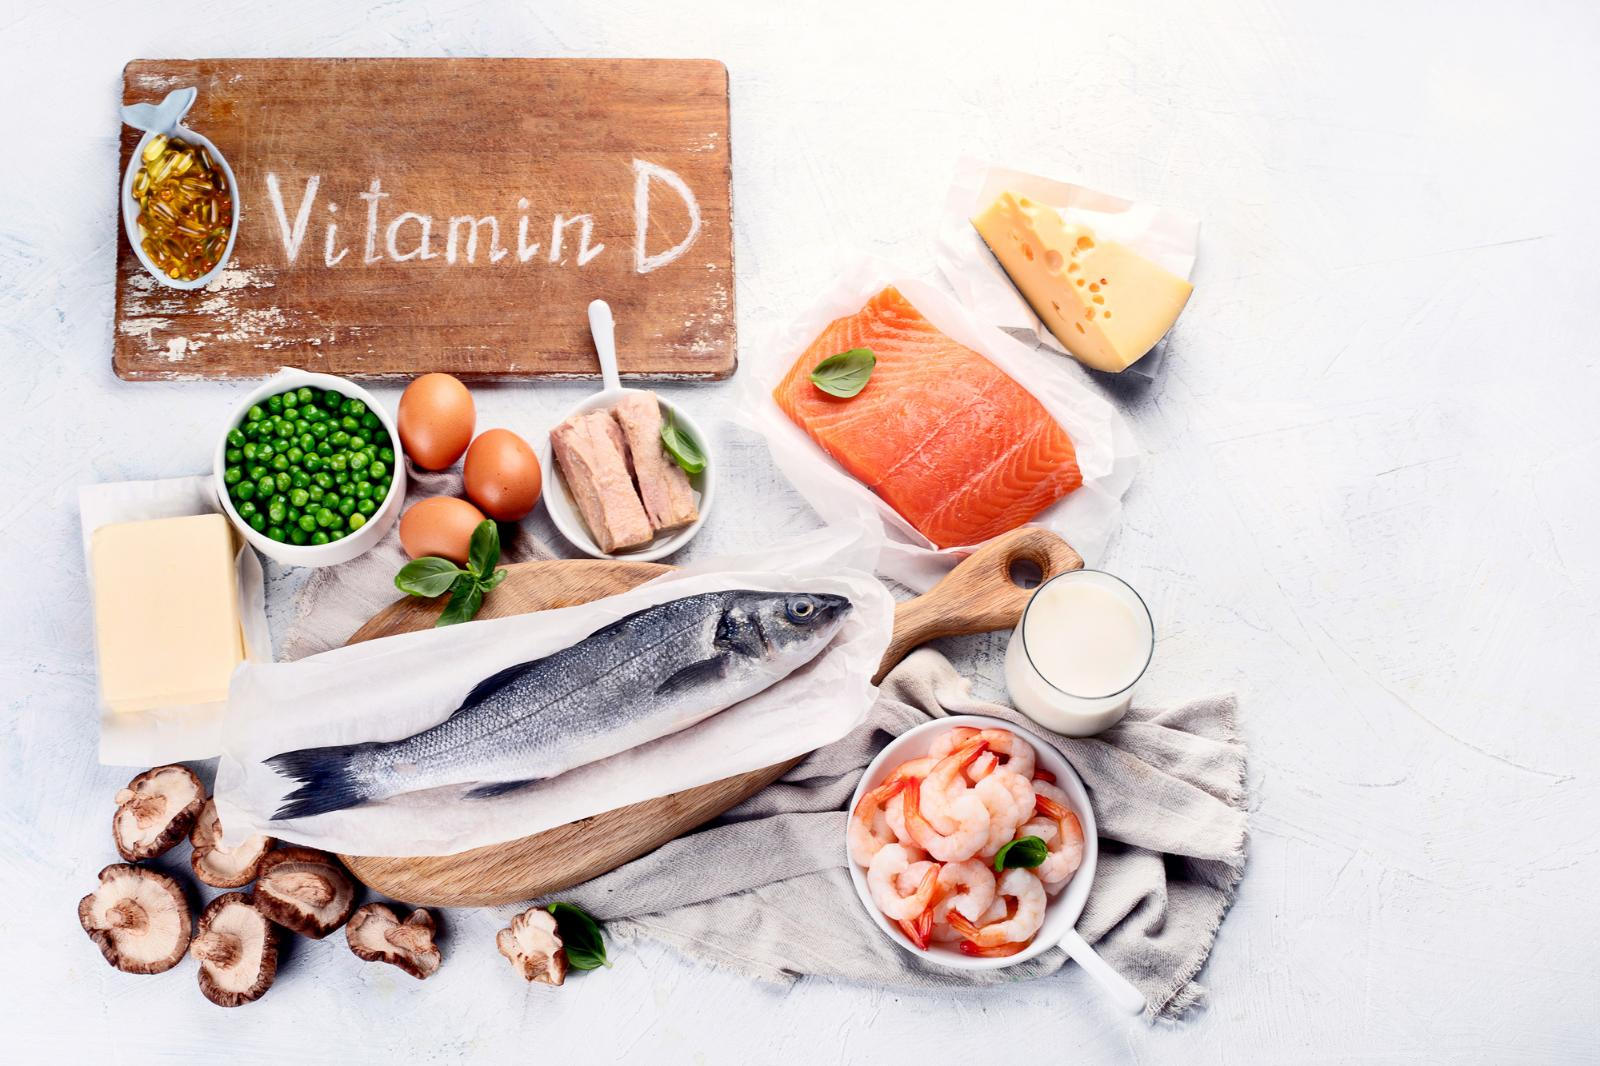 В нем нуждается вся Россия! Елена Малышева рассказала о дефиците витамина D у сограждан